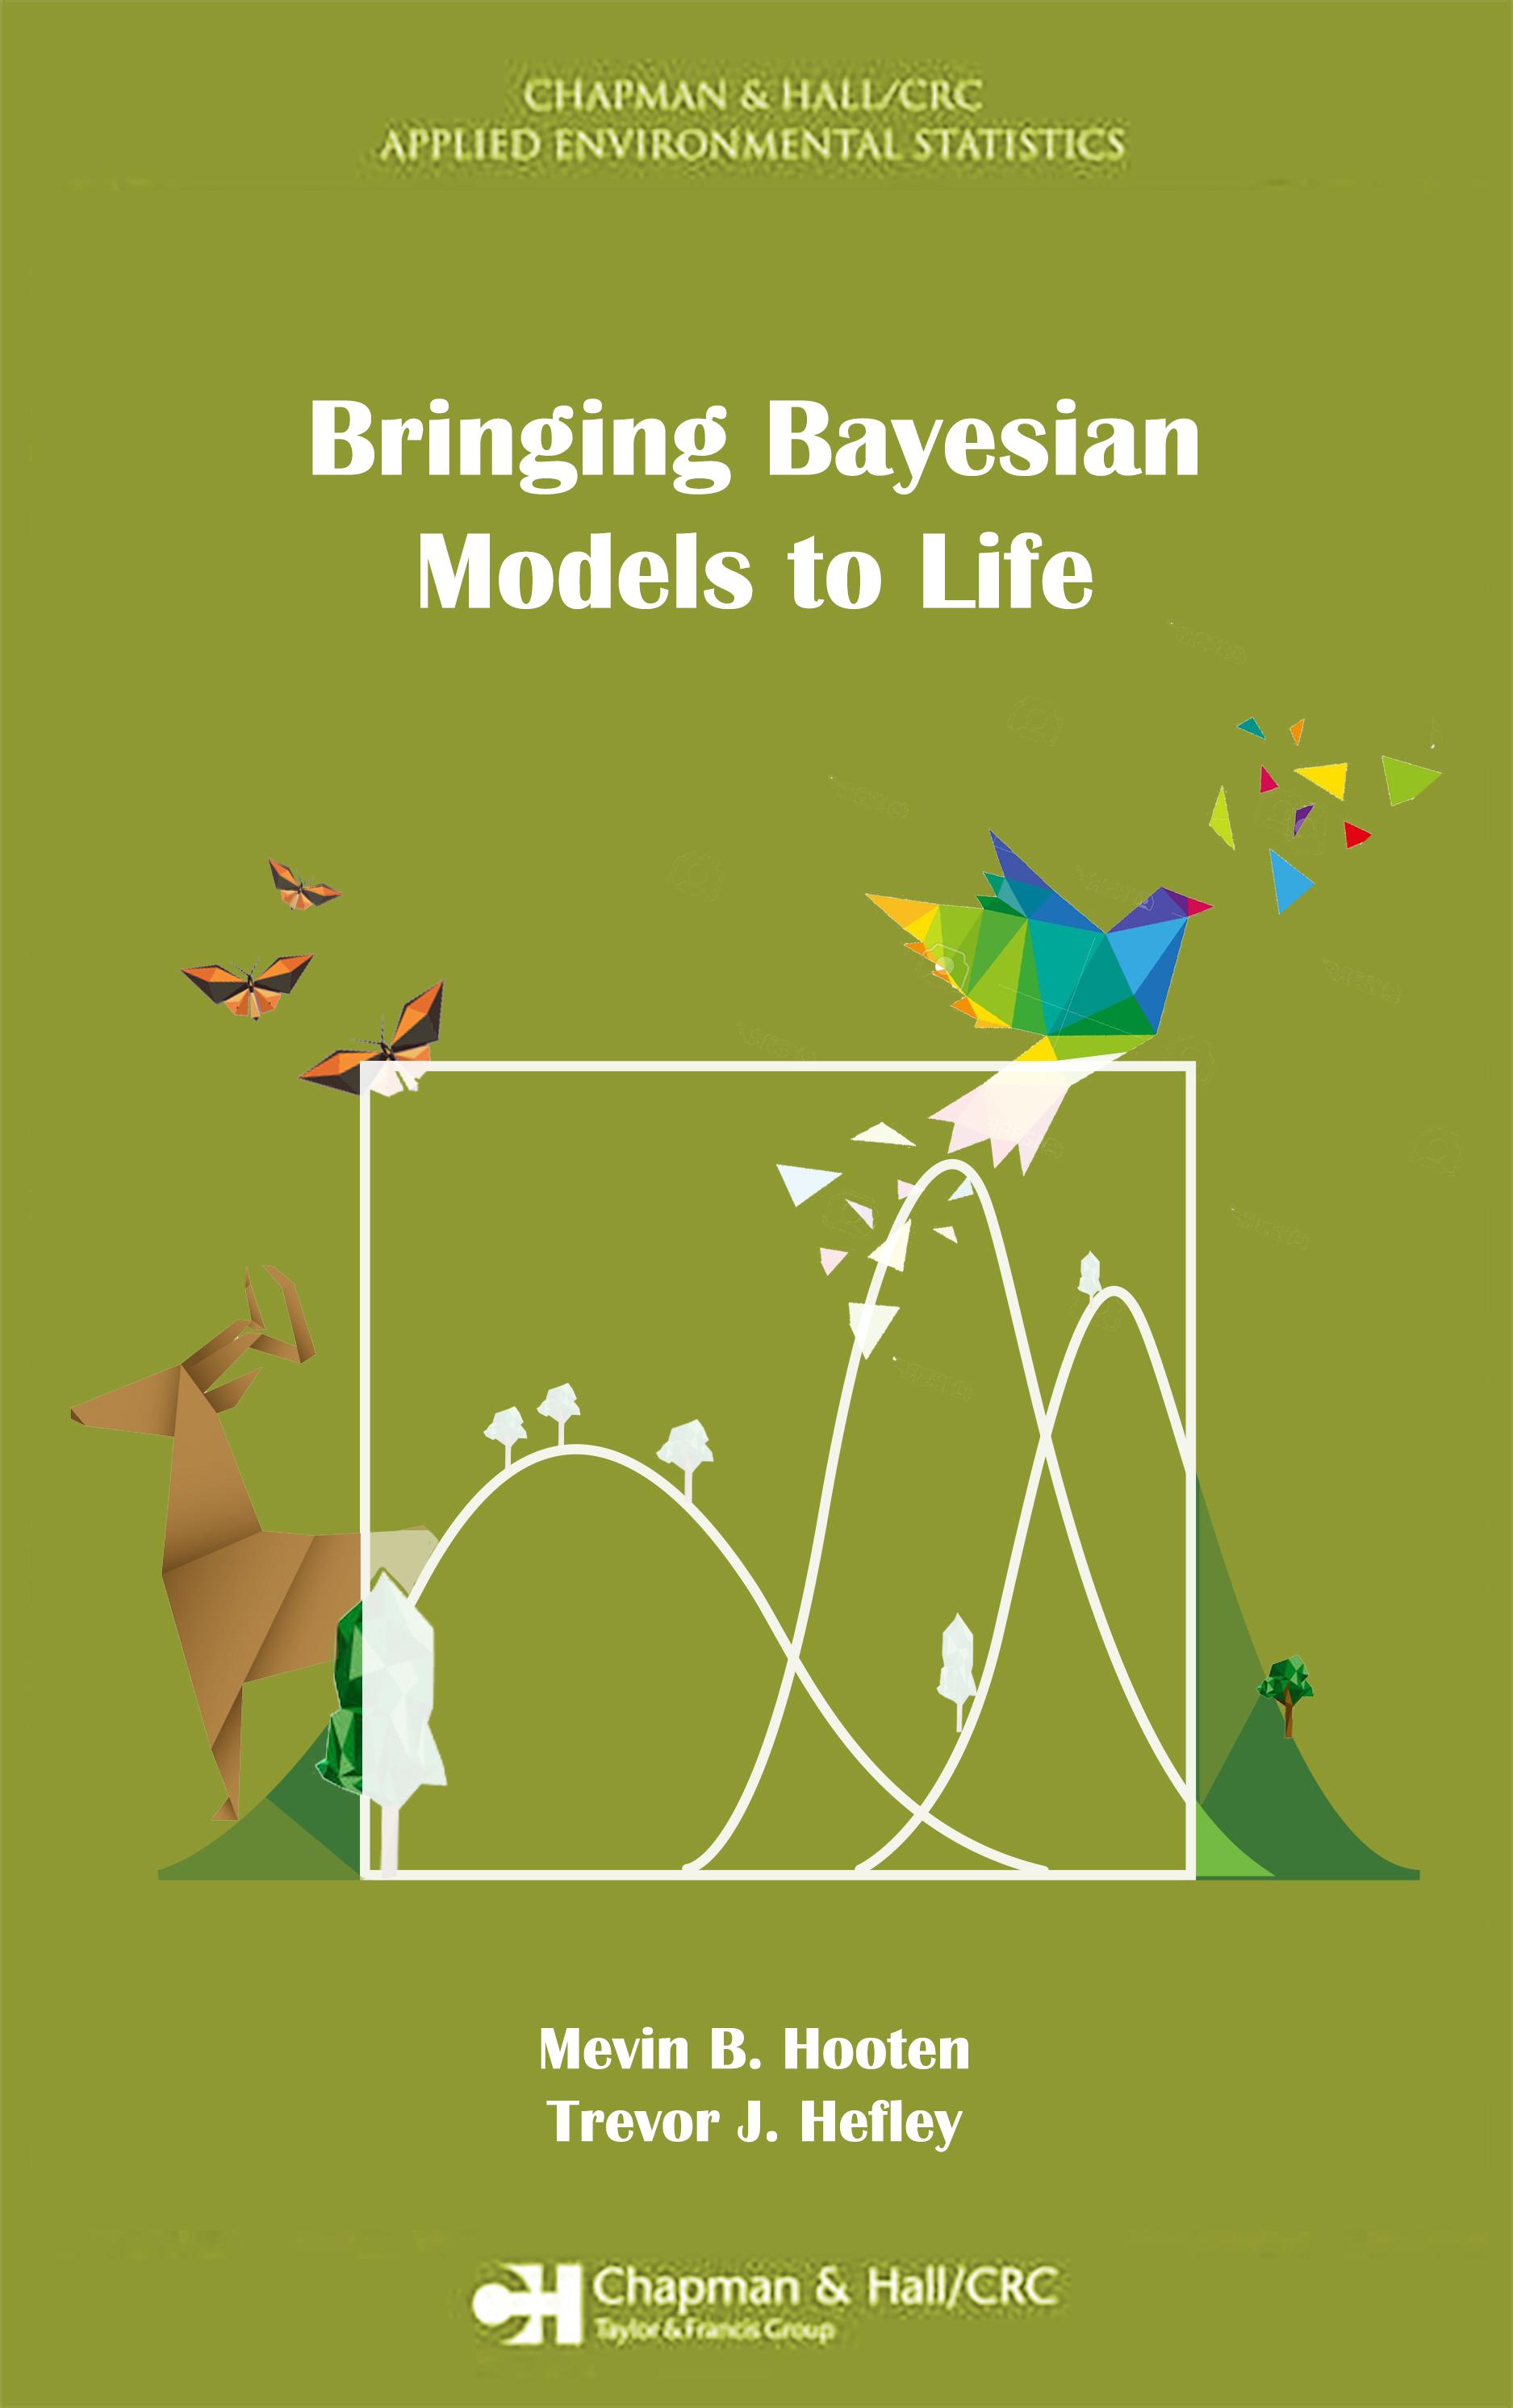 Bringing Bayesian Models to Life